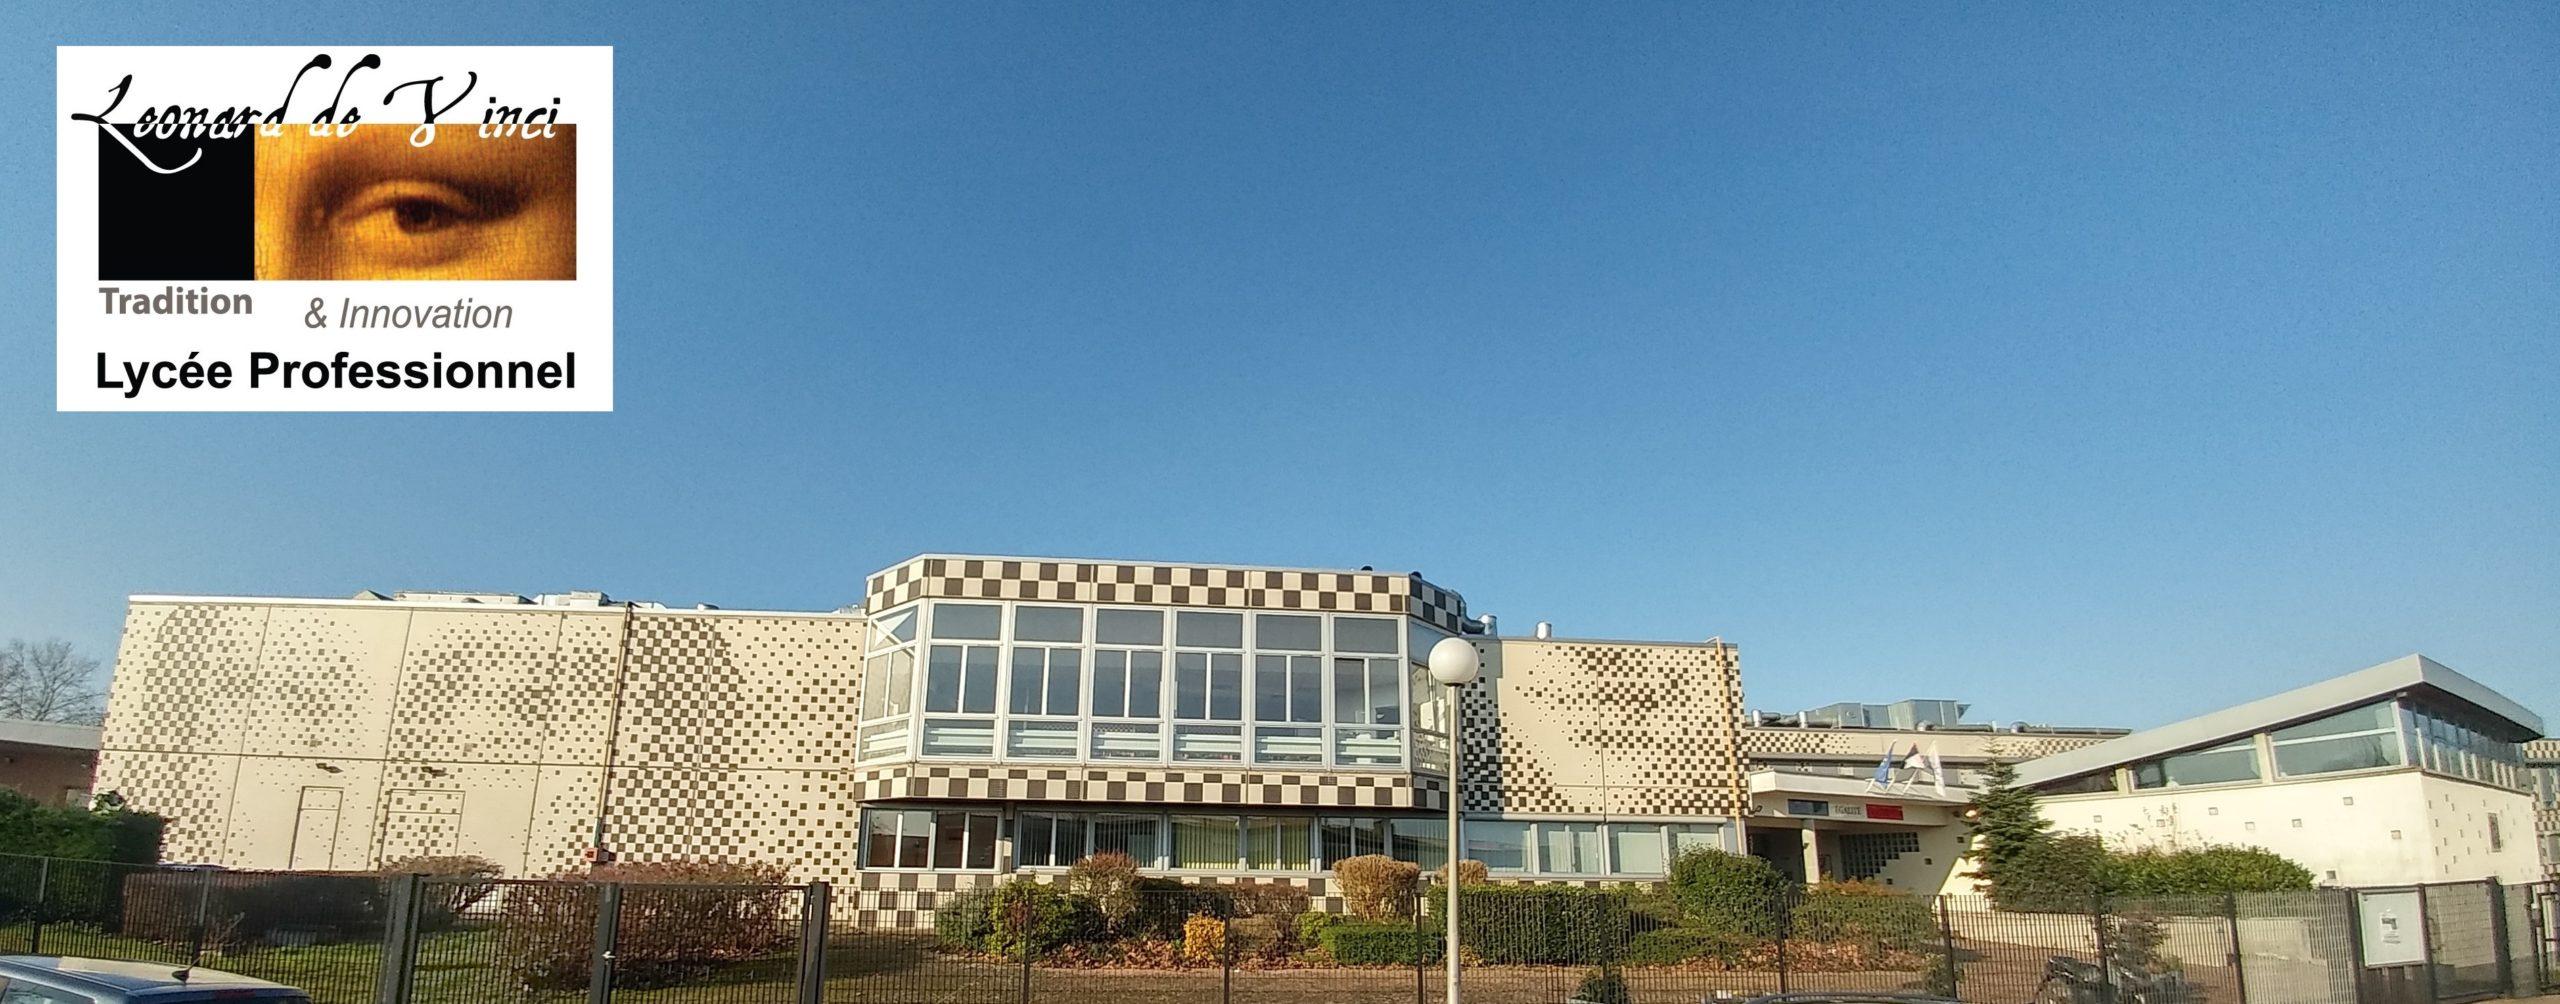 Lycée Professionnel | Site Officiel De Trith Saint Léger destiné Piscine Trith Saint Leger